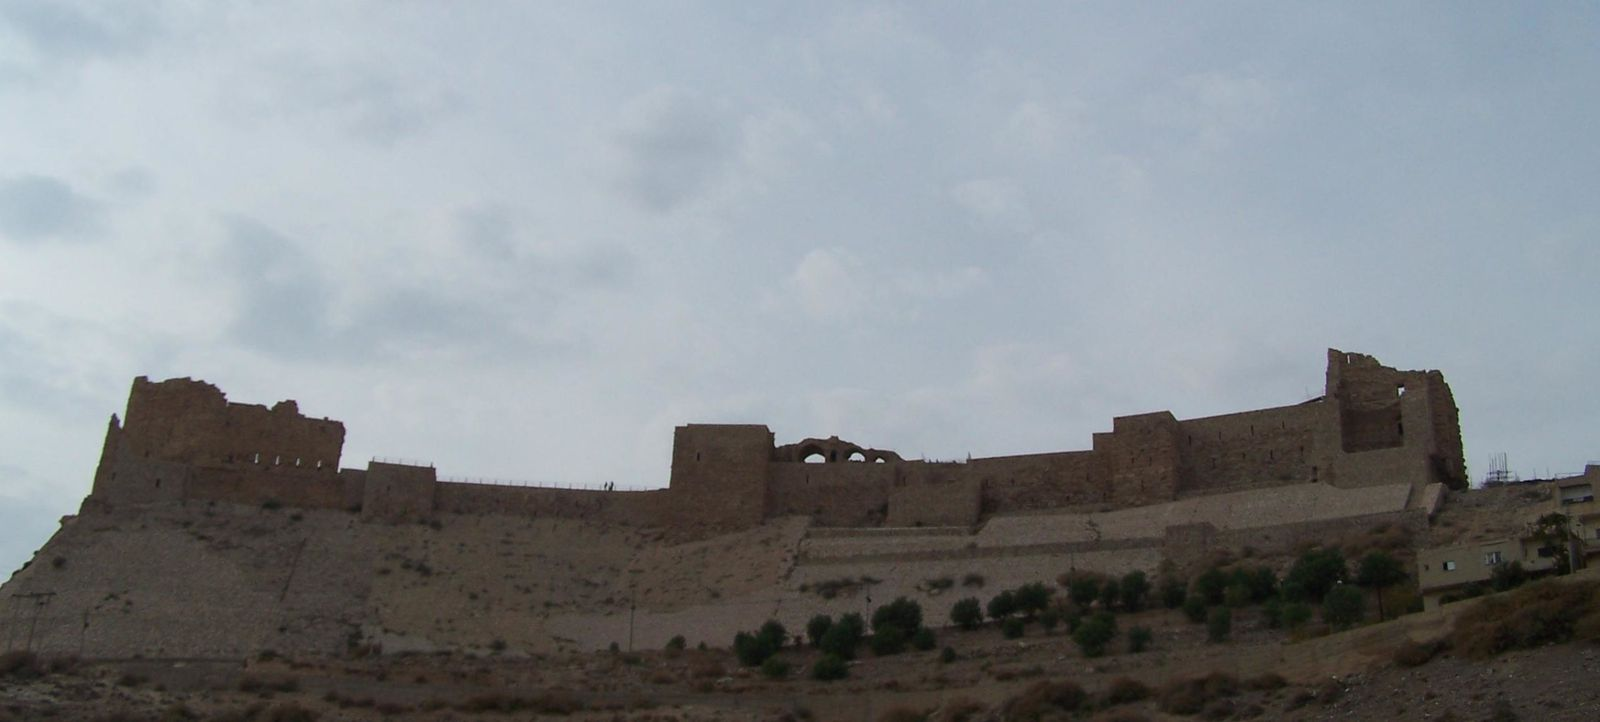 La Jordanie : dépaysement et découvertes de Jérash à Pétra et au désert de Wadi Rum... 16